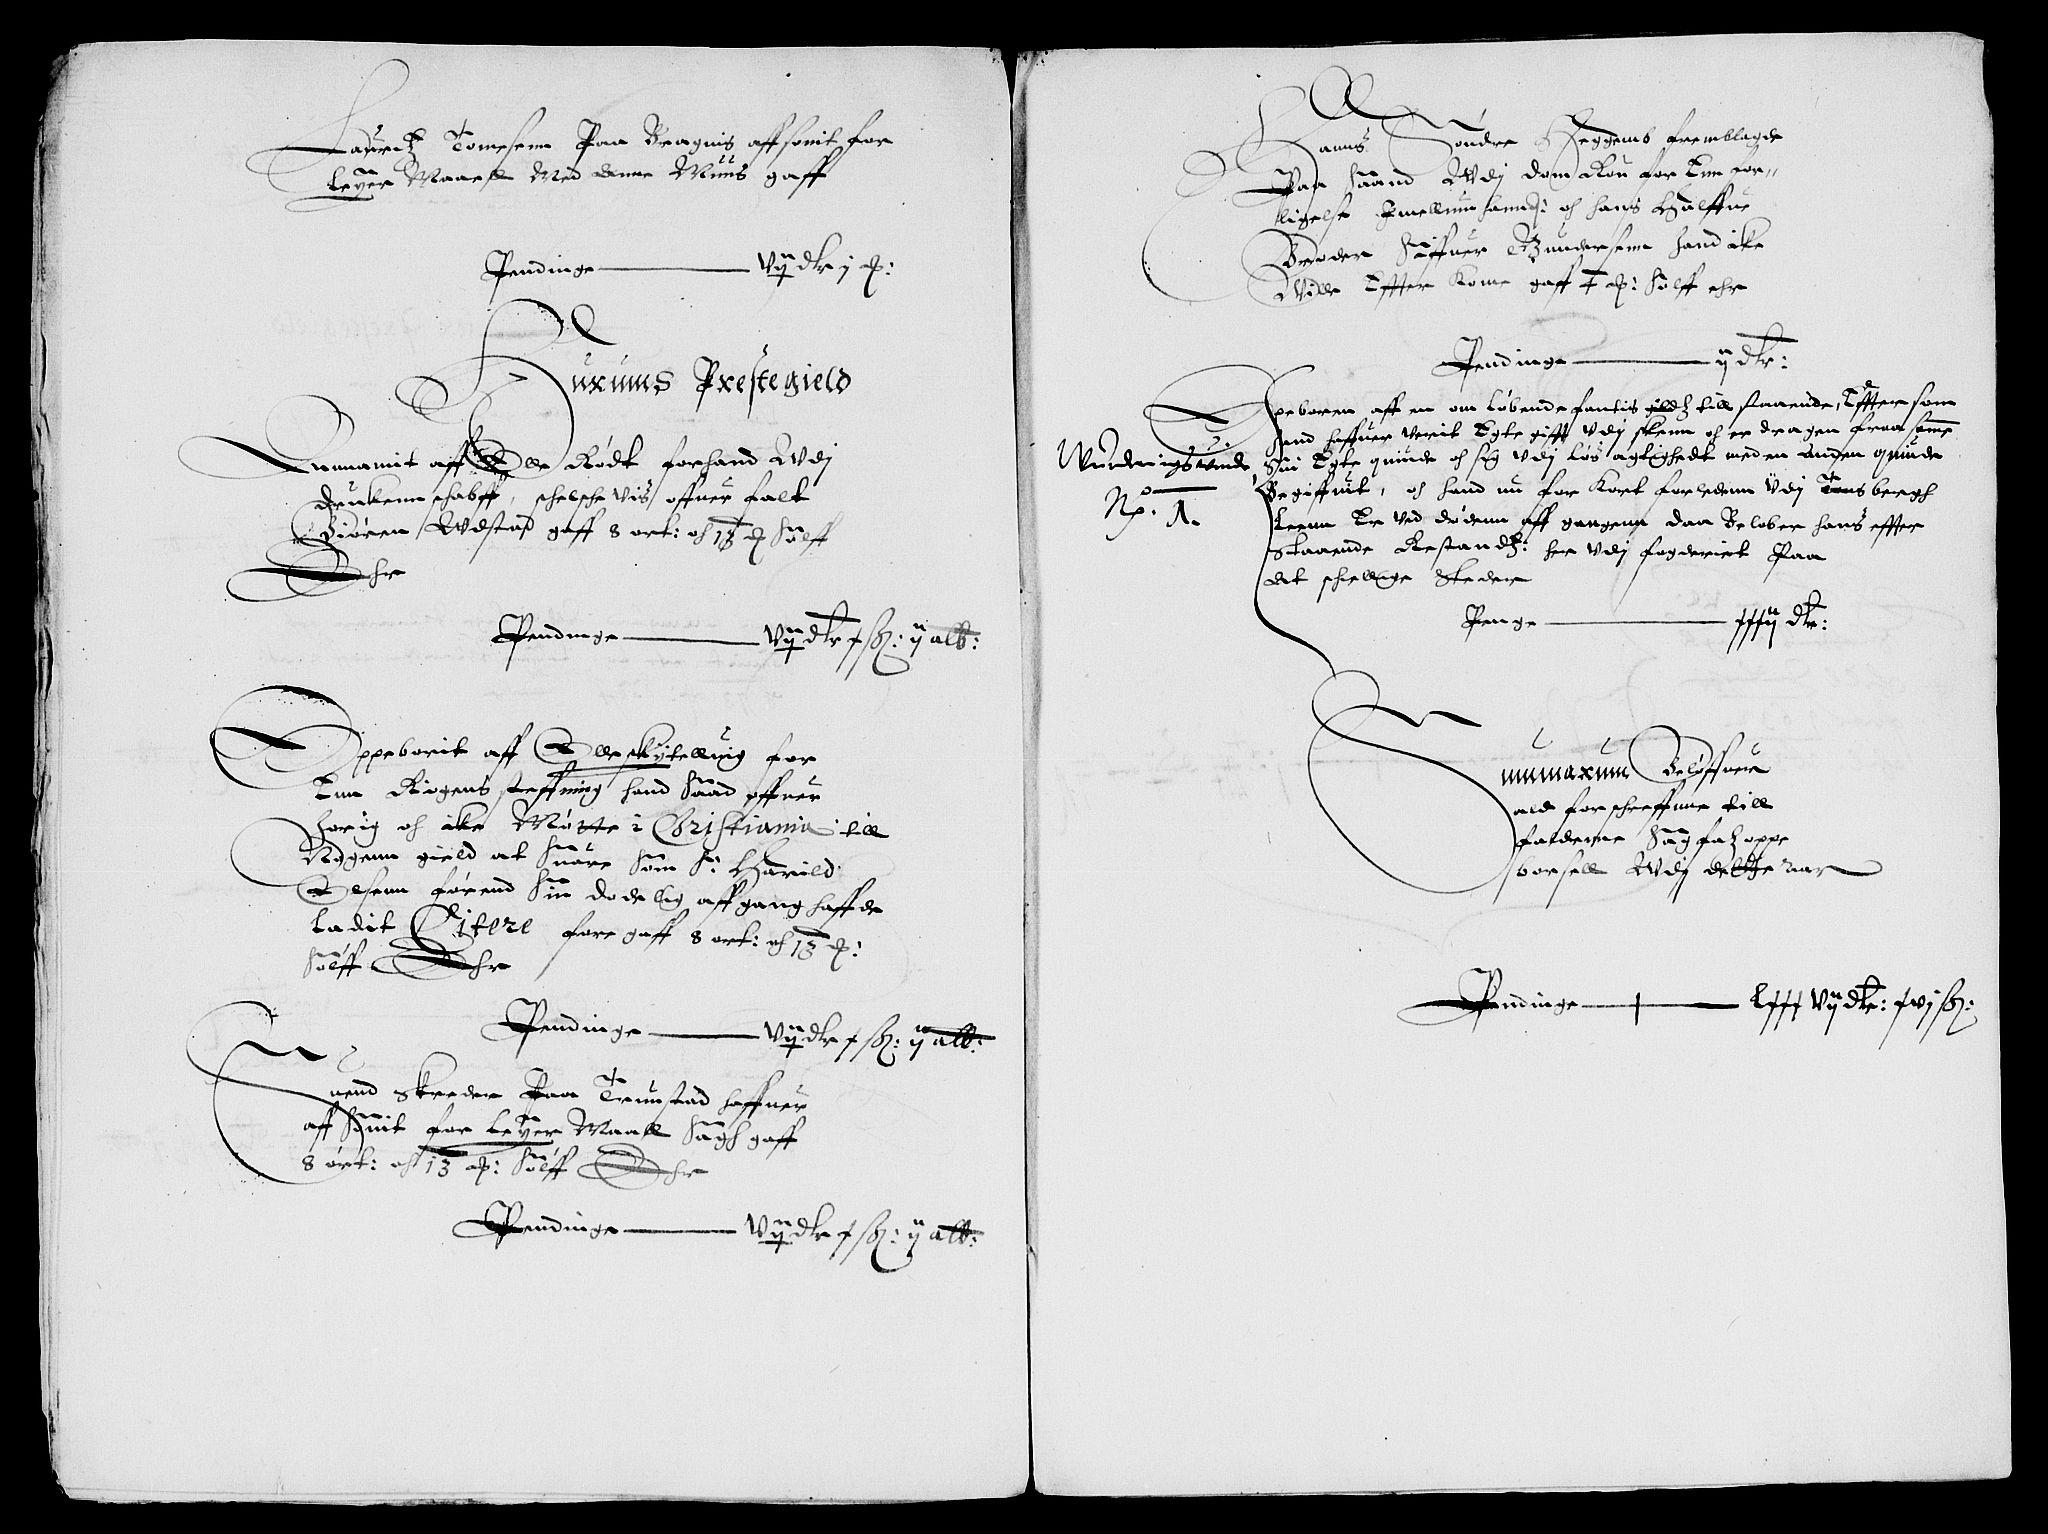 RA, Rentekammeret inntil 1814, Reviderte regnskaper, Lensregnskaper, R/Rb/Rba/L0109: Akershus len, 1629-1633, s. upaginert